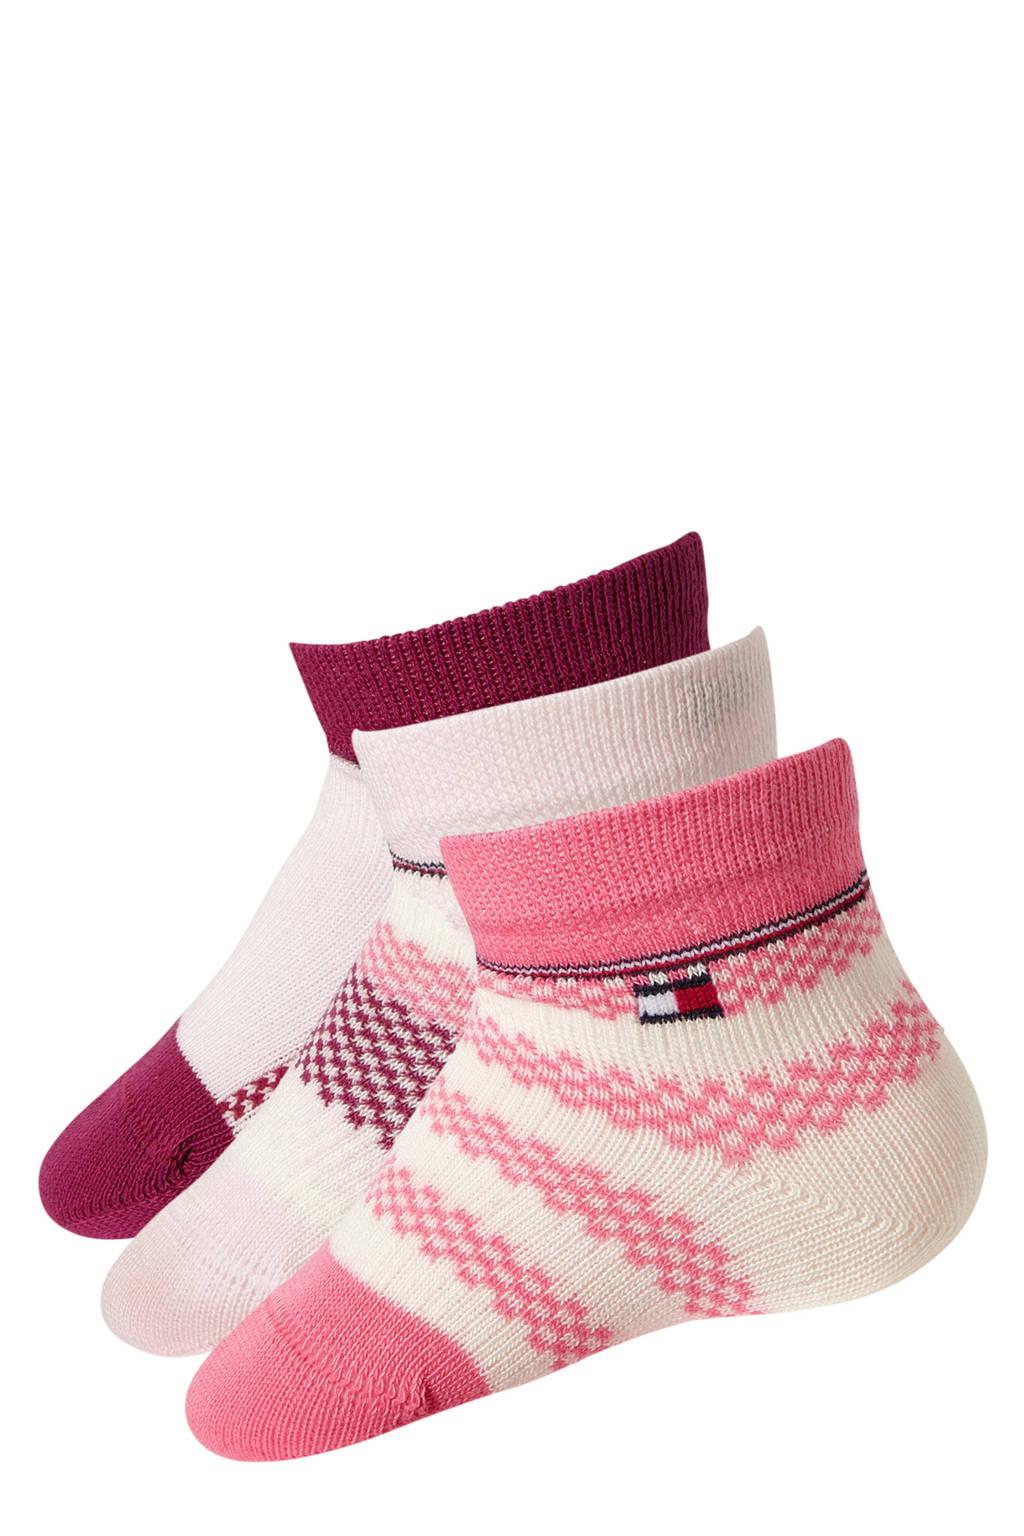 Tommy Hilfiger giftbox baby sokken ( 3 Paar ) roze, Roze/wit/rood